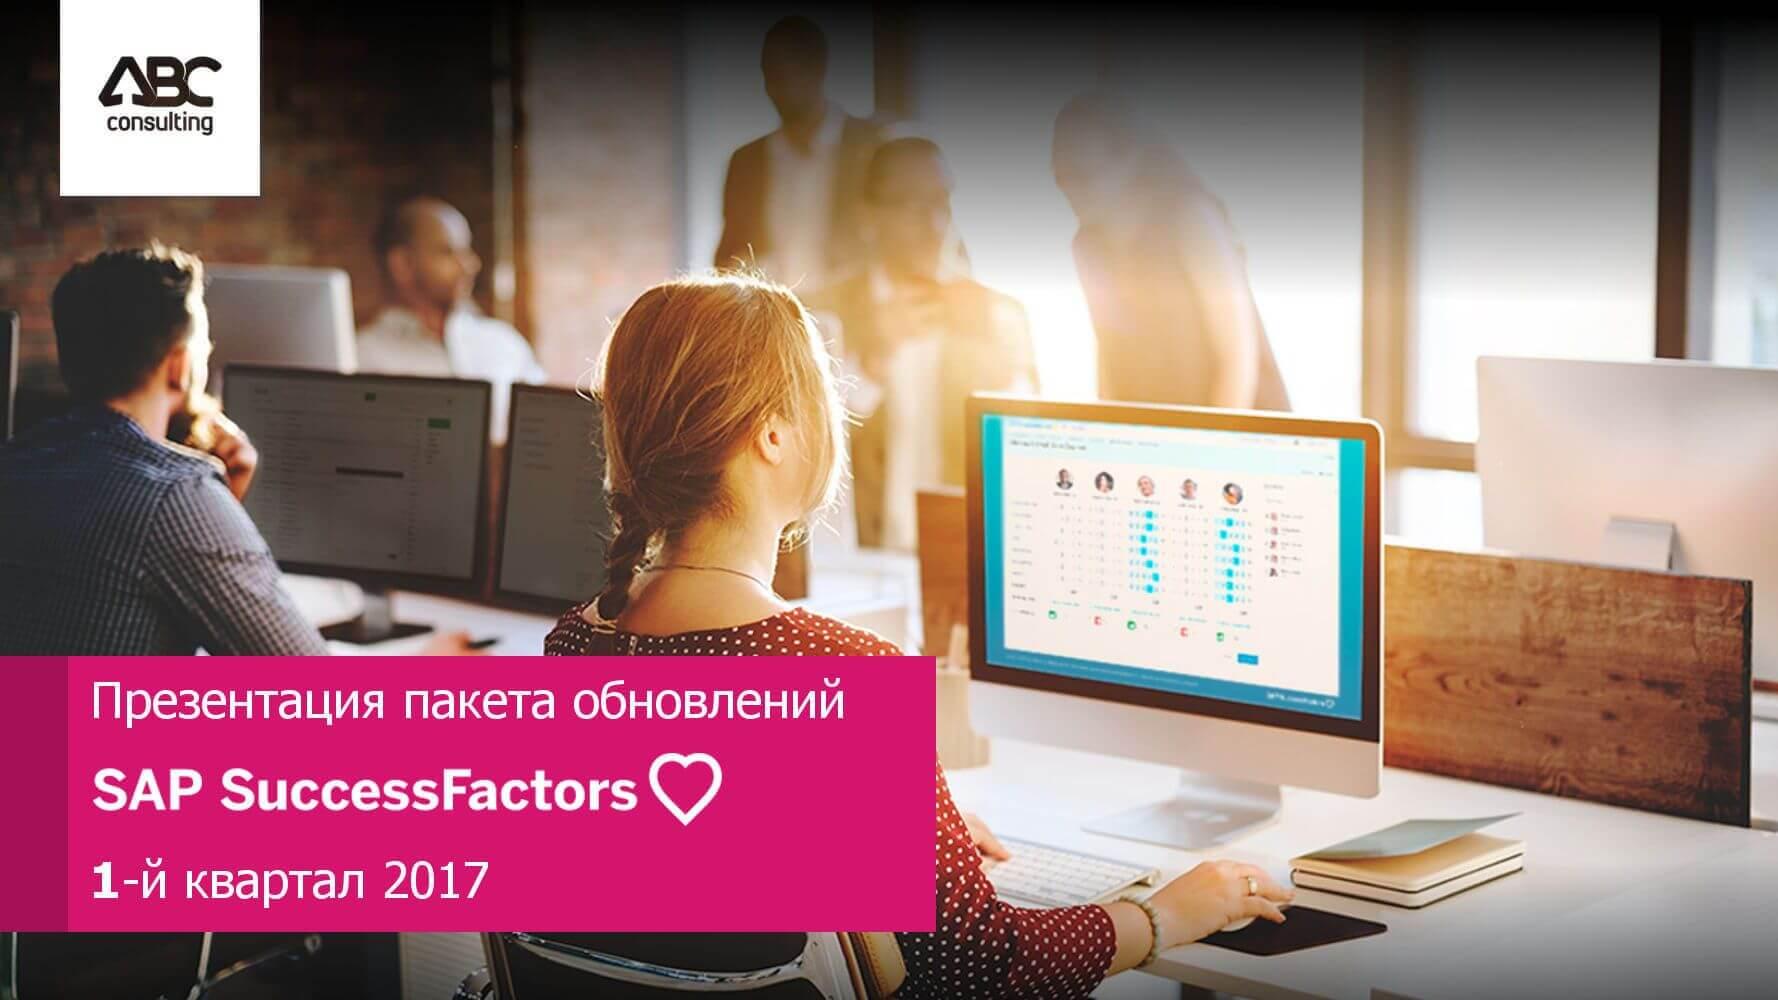 Обновление SuccessFactors Q1 2017